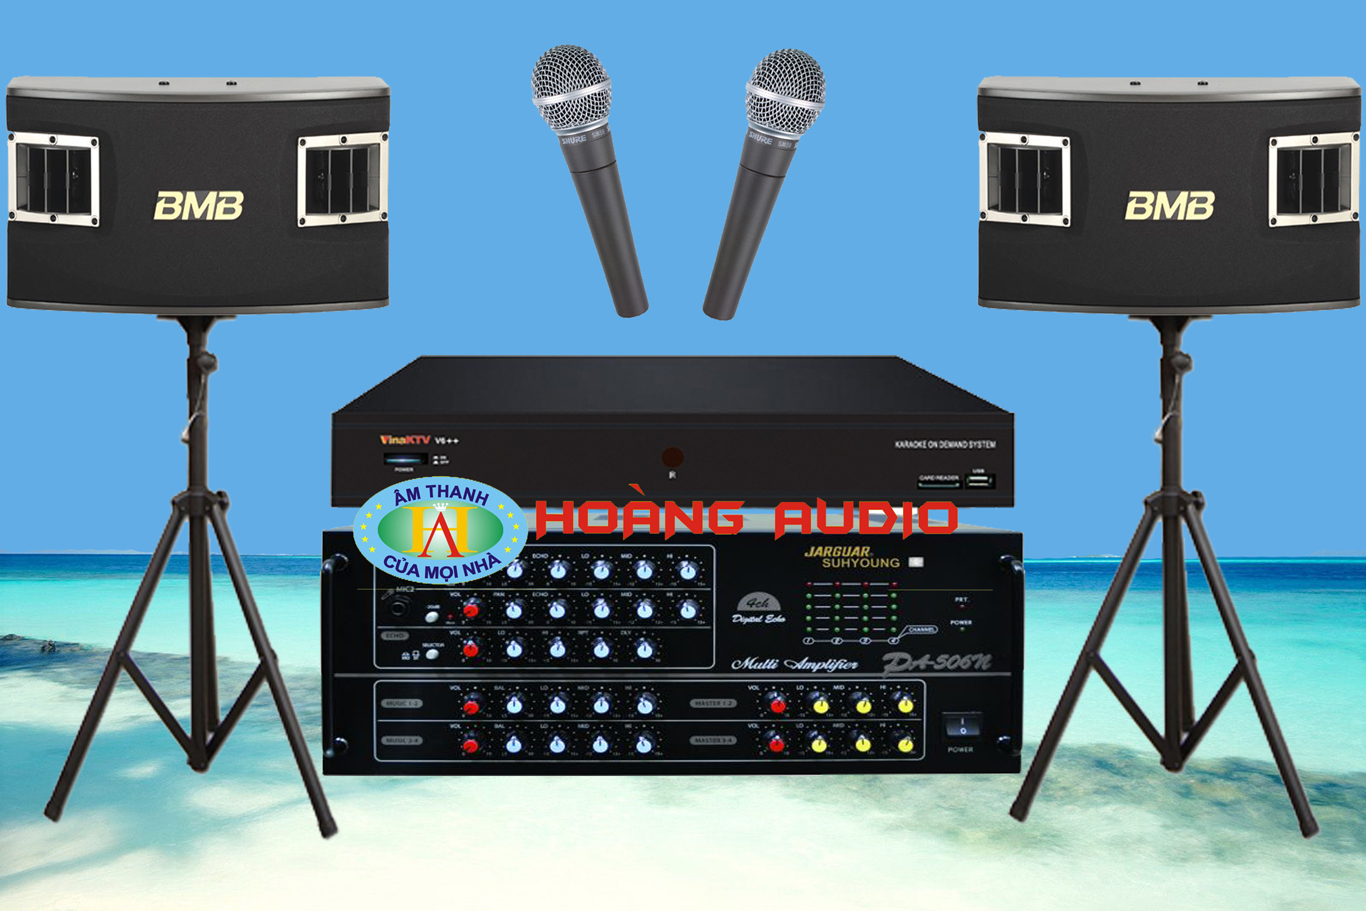 Thumbnail image for Bộ dàn karaoke gia đình HO 26